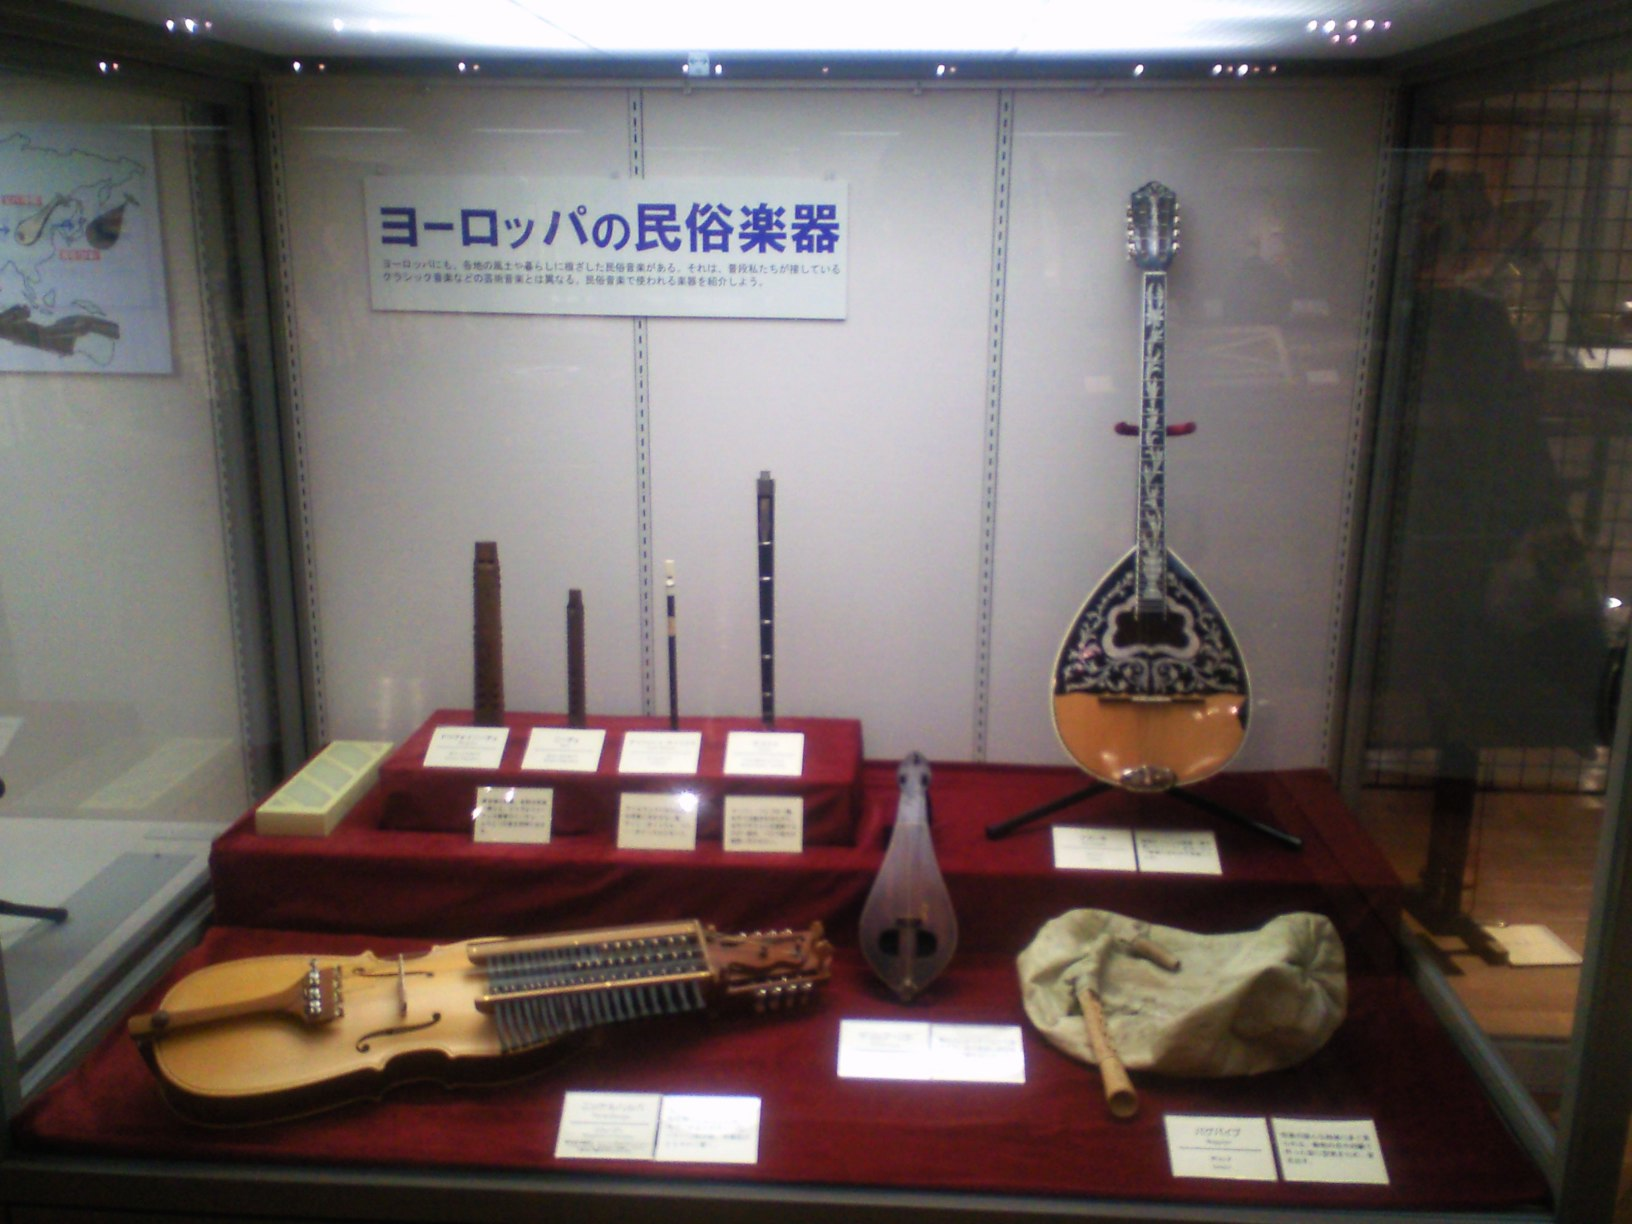 浜松楽器博物館 2_d0077106_1747277.jpg